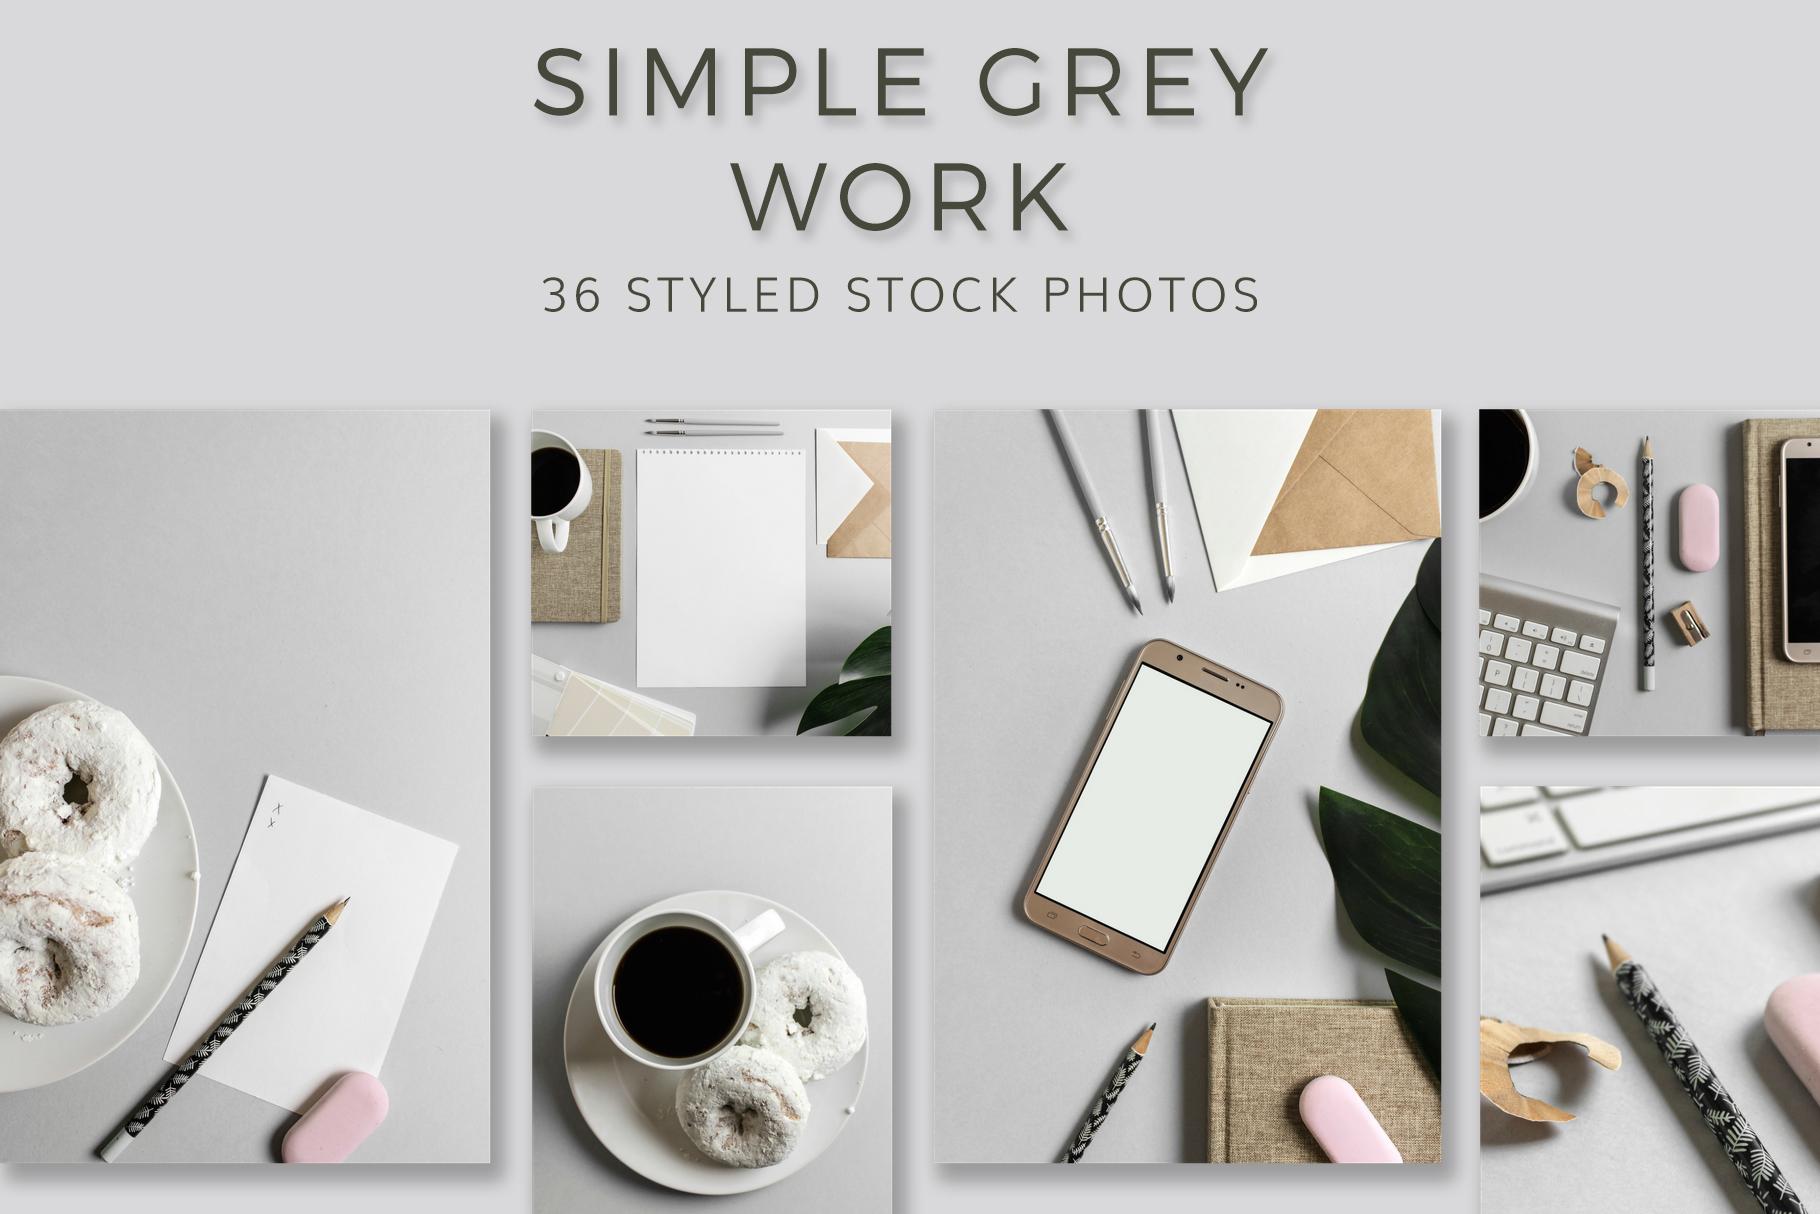 simple grey work 36